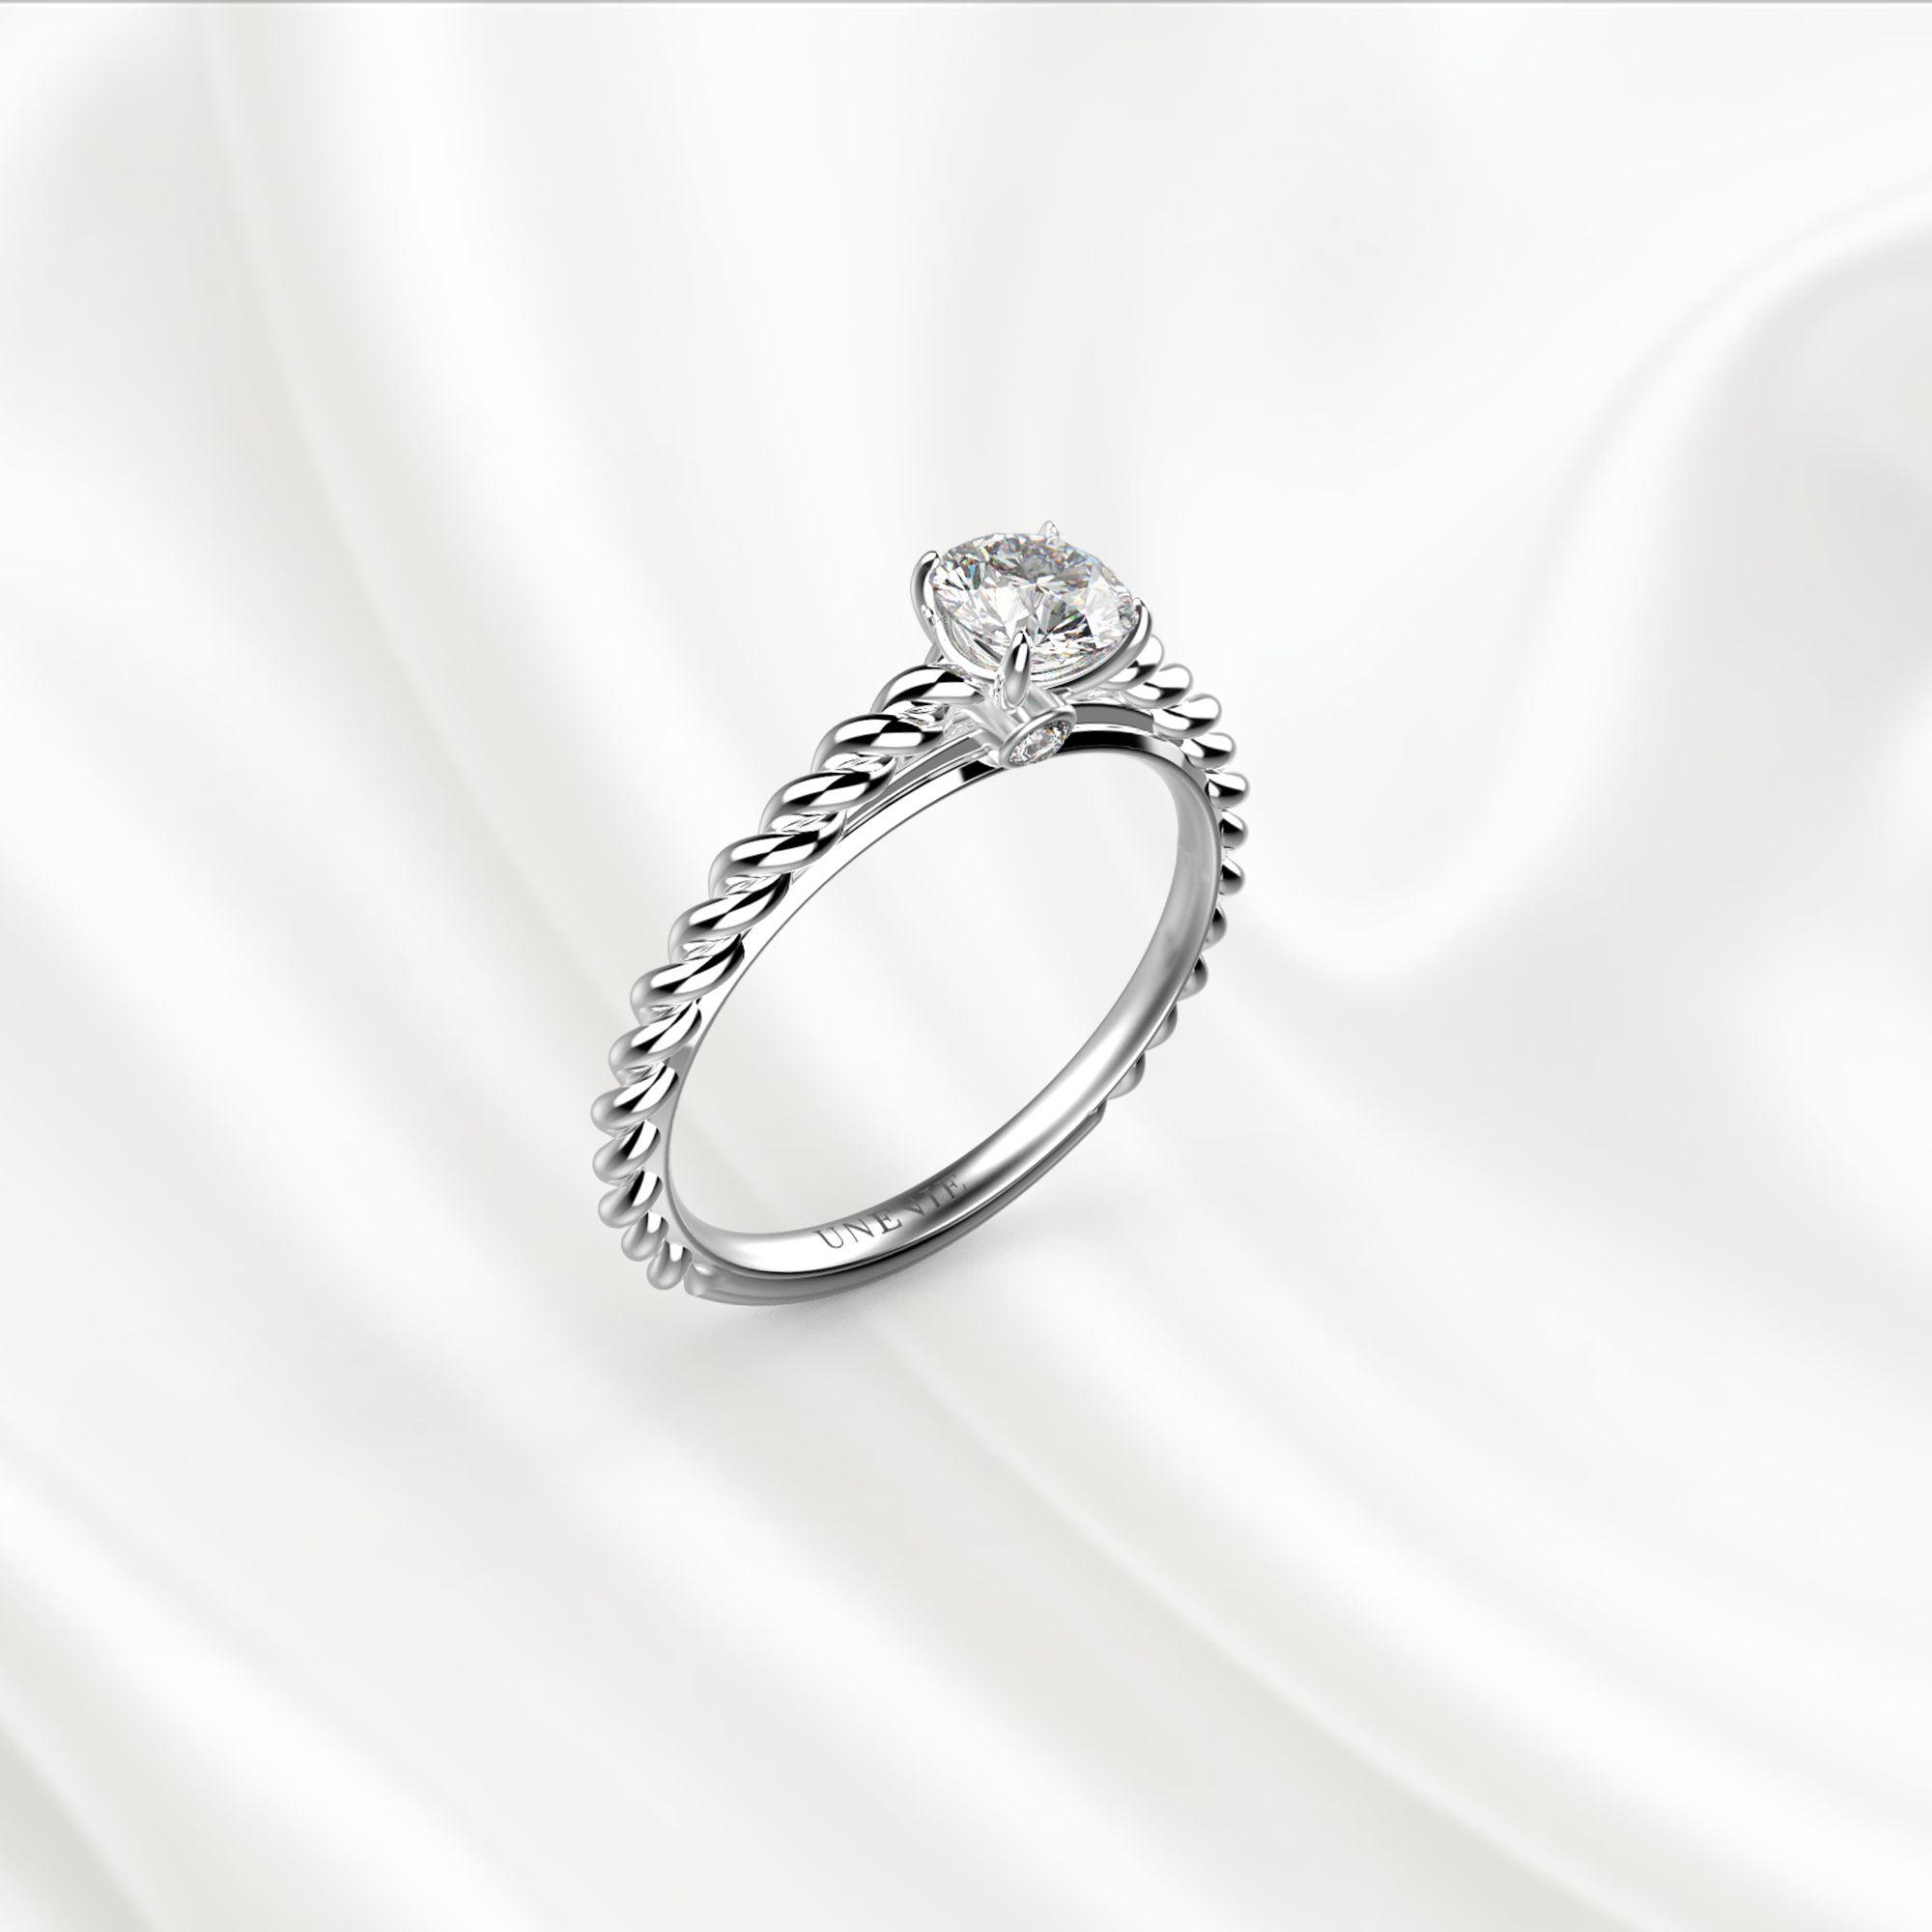 N14-1 Помолвочное кольцо из белого золота с бриллиантом 0.35 карат